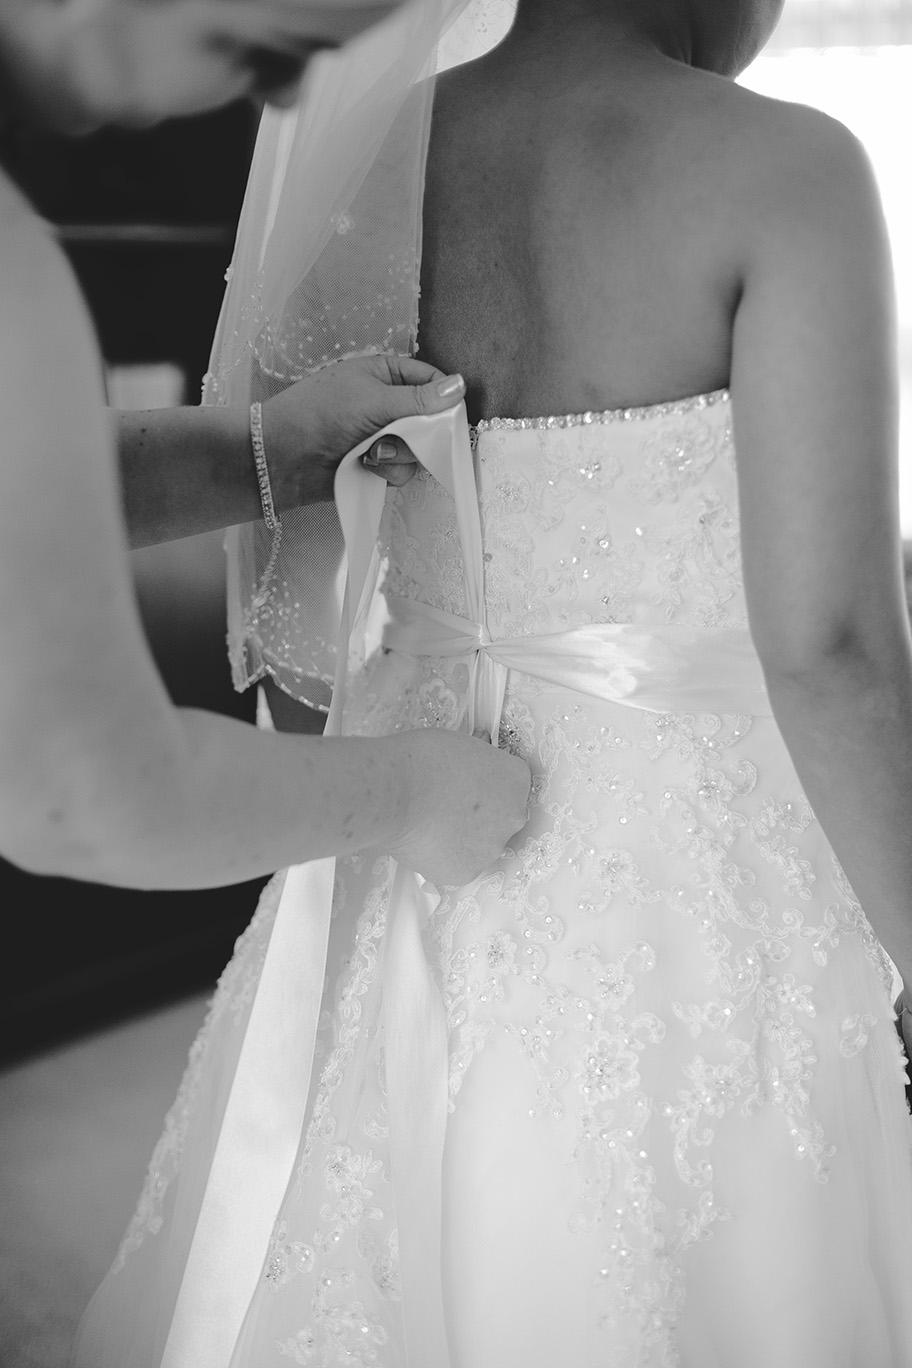 Bride Preparation Wedding Photo 007